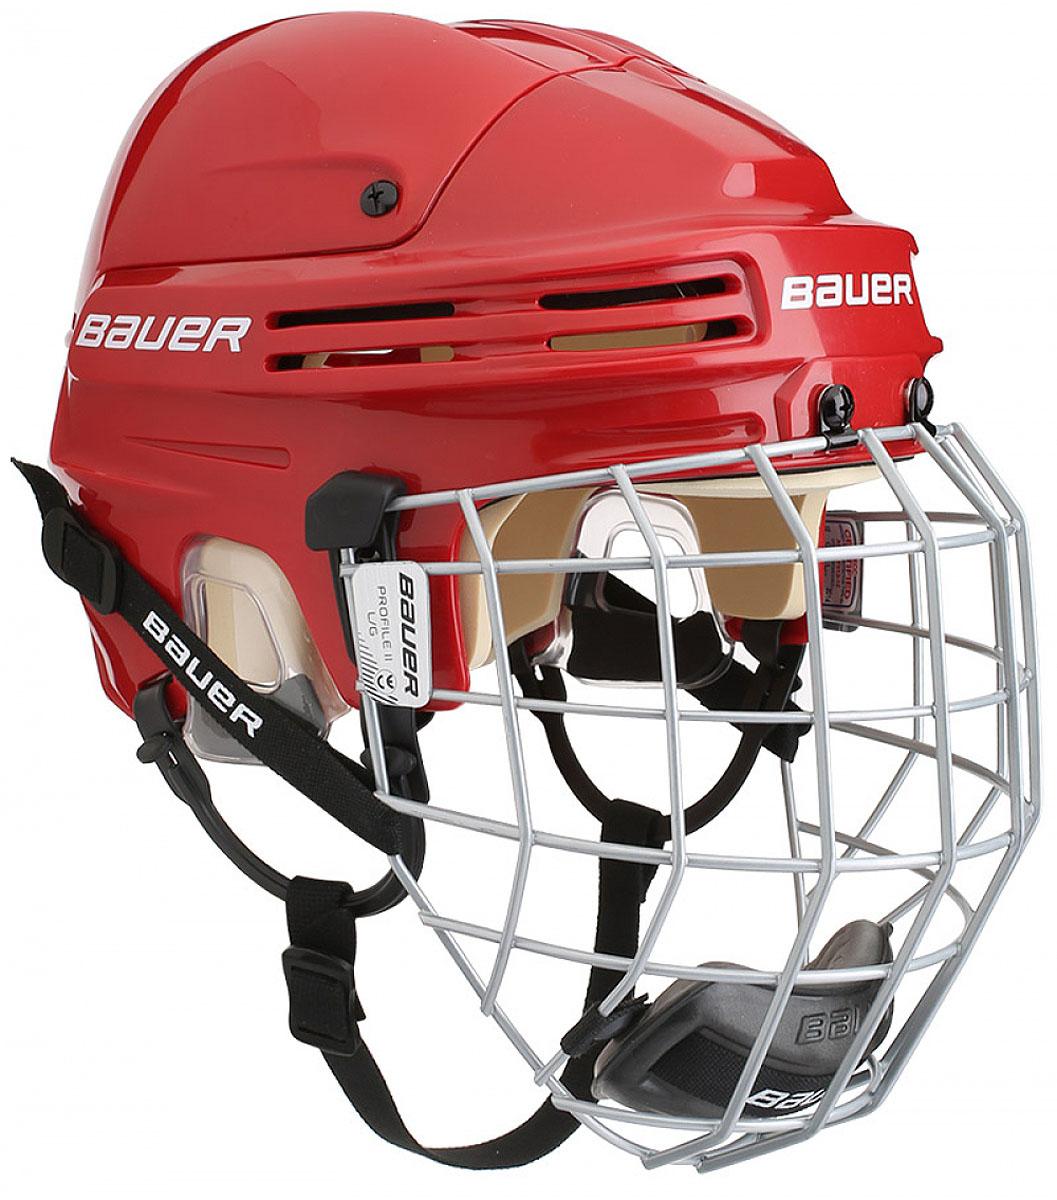 Шлем Bauer  4500 Combo , цвет: красный. 1044665. Размер M - Хоккей